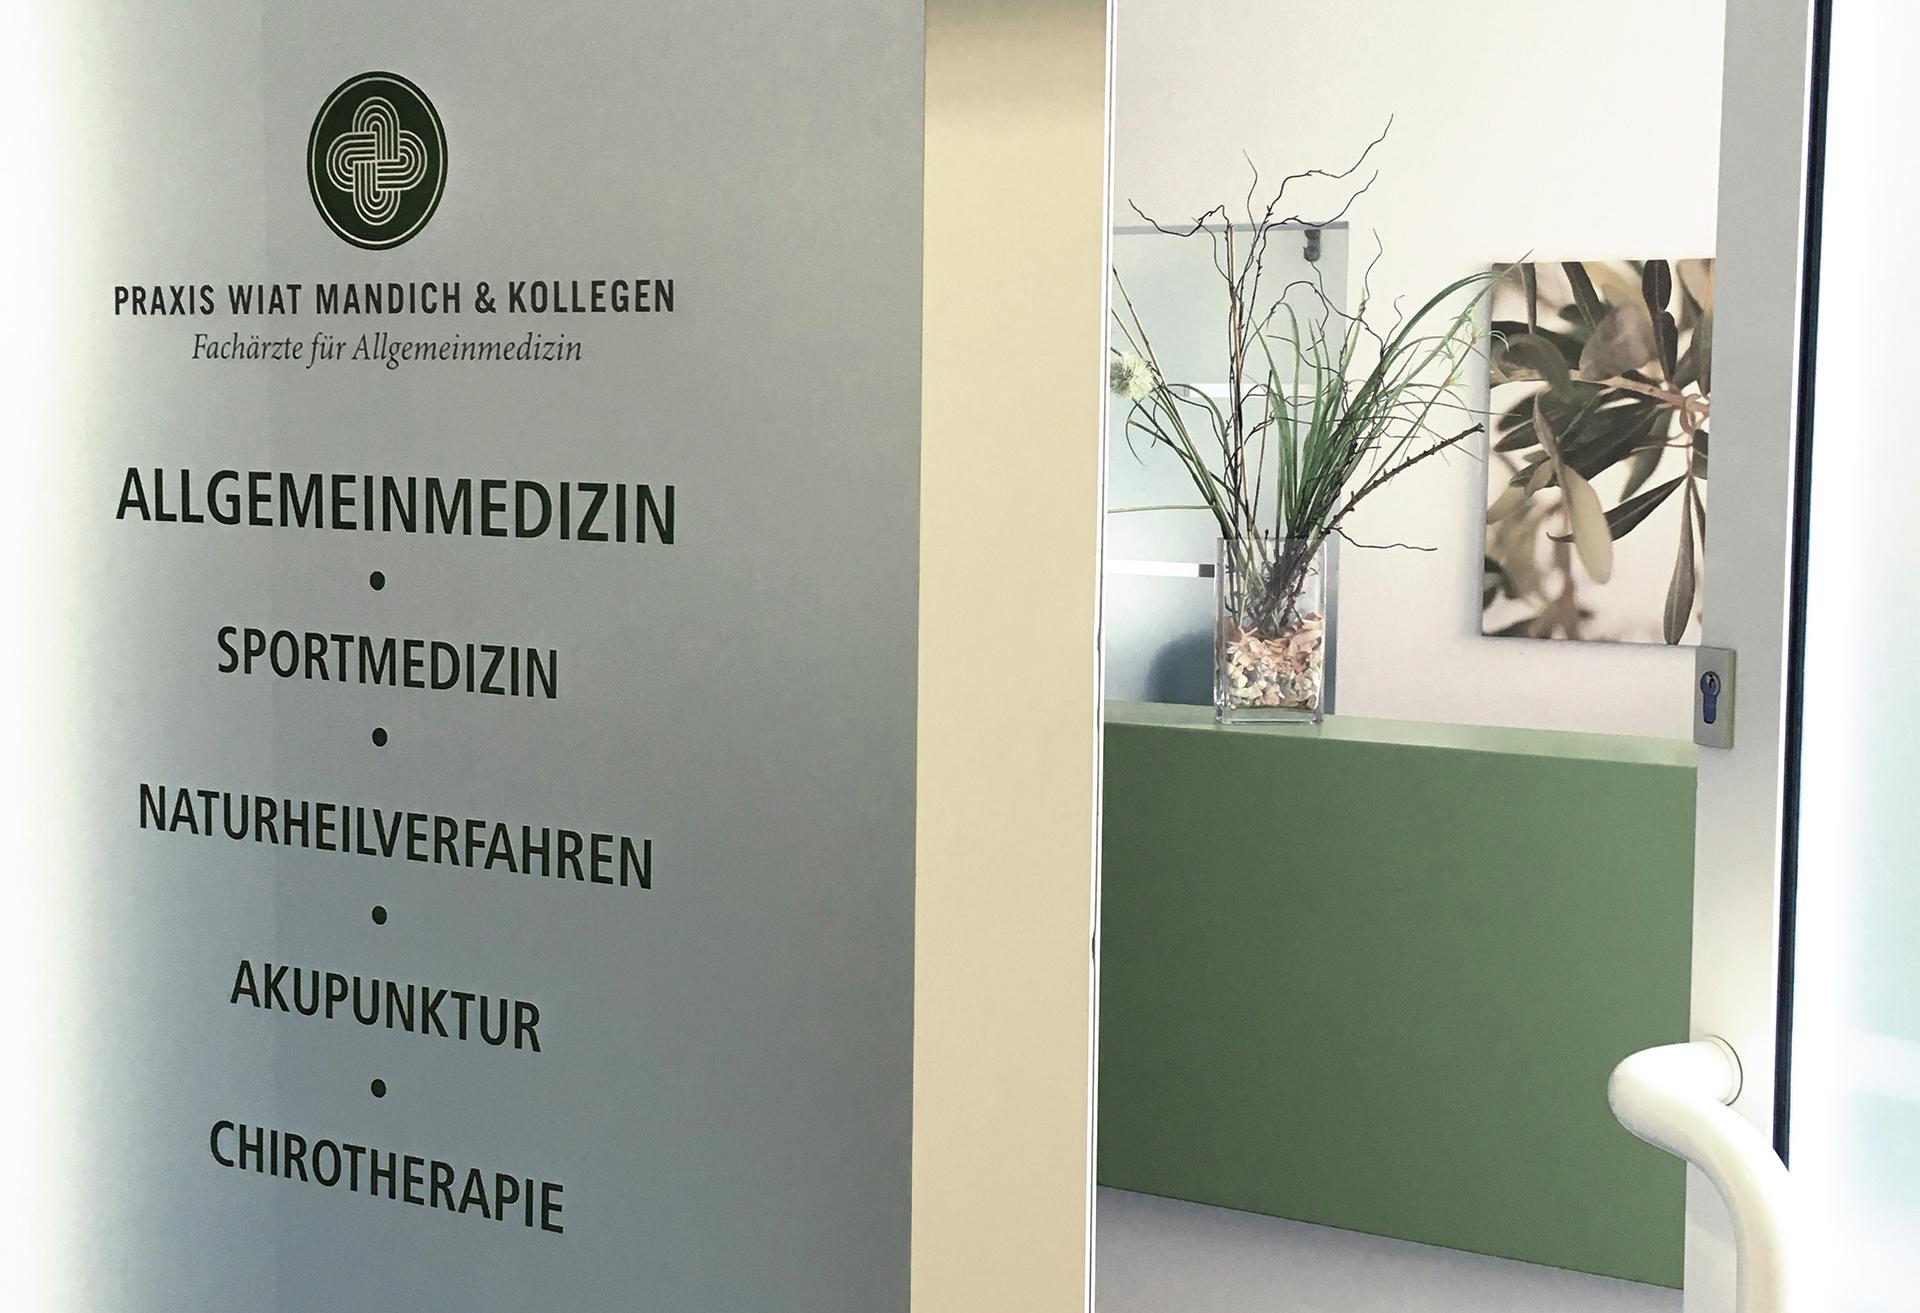 Hausarzt-Allgemeinarzt-Hamburg-Wandsbek-Mandich-Kollegen-2